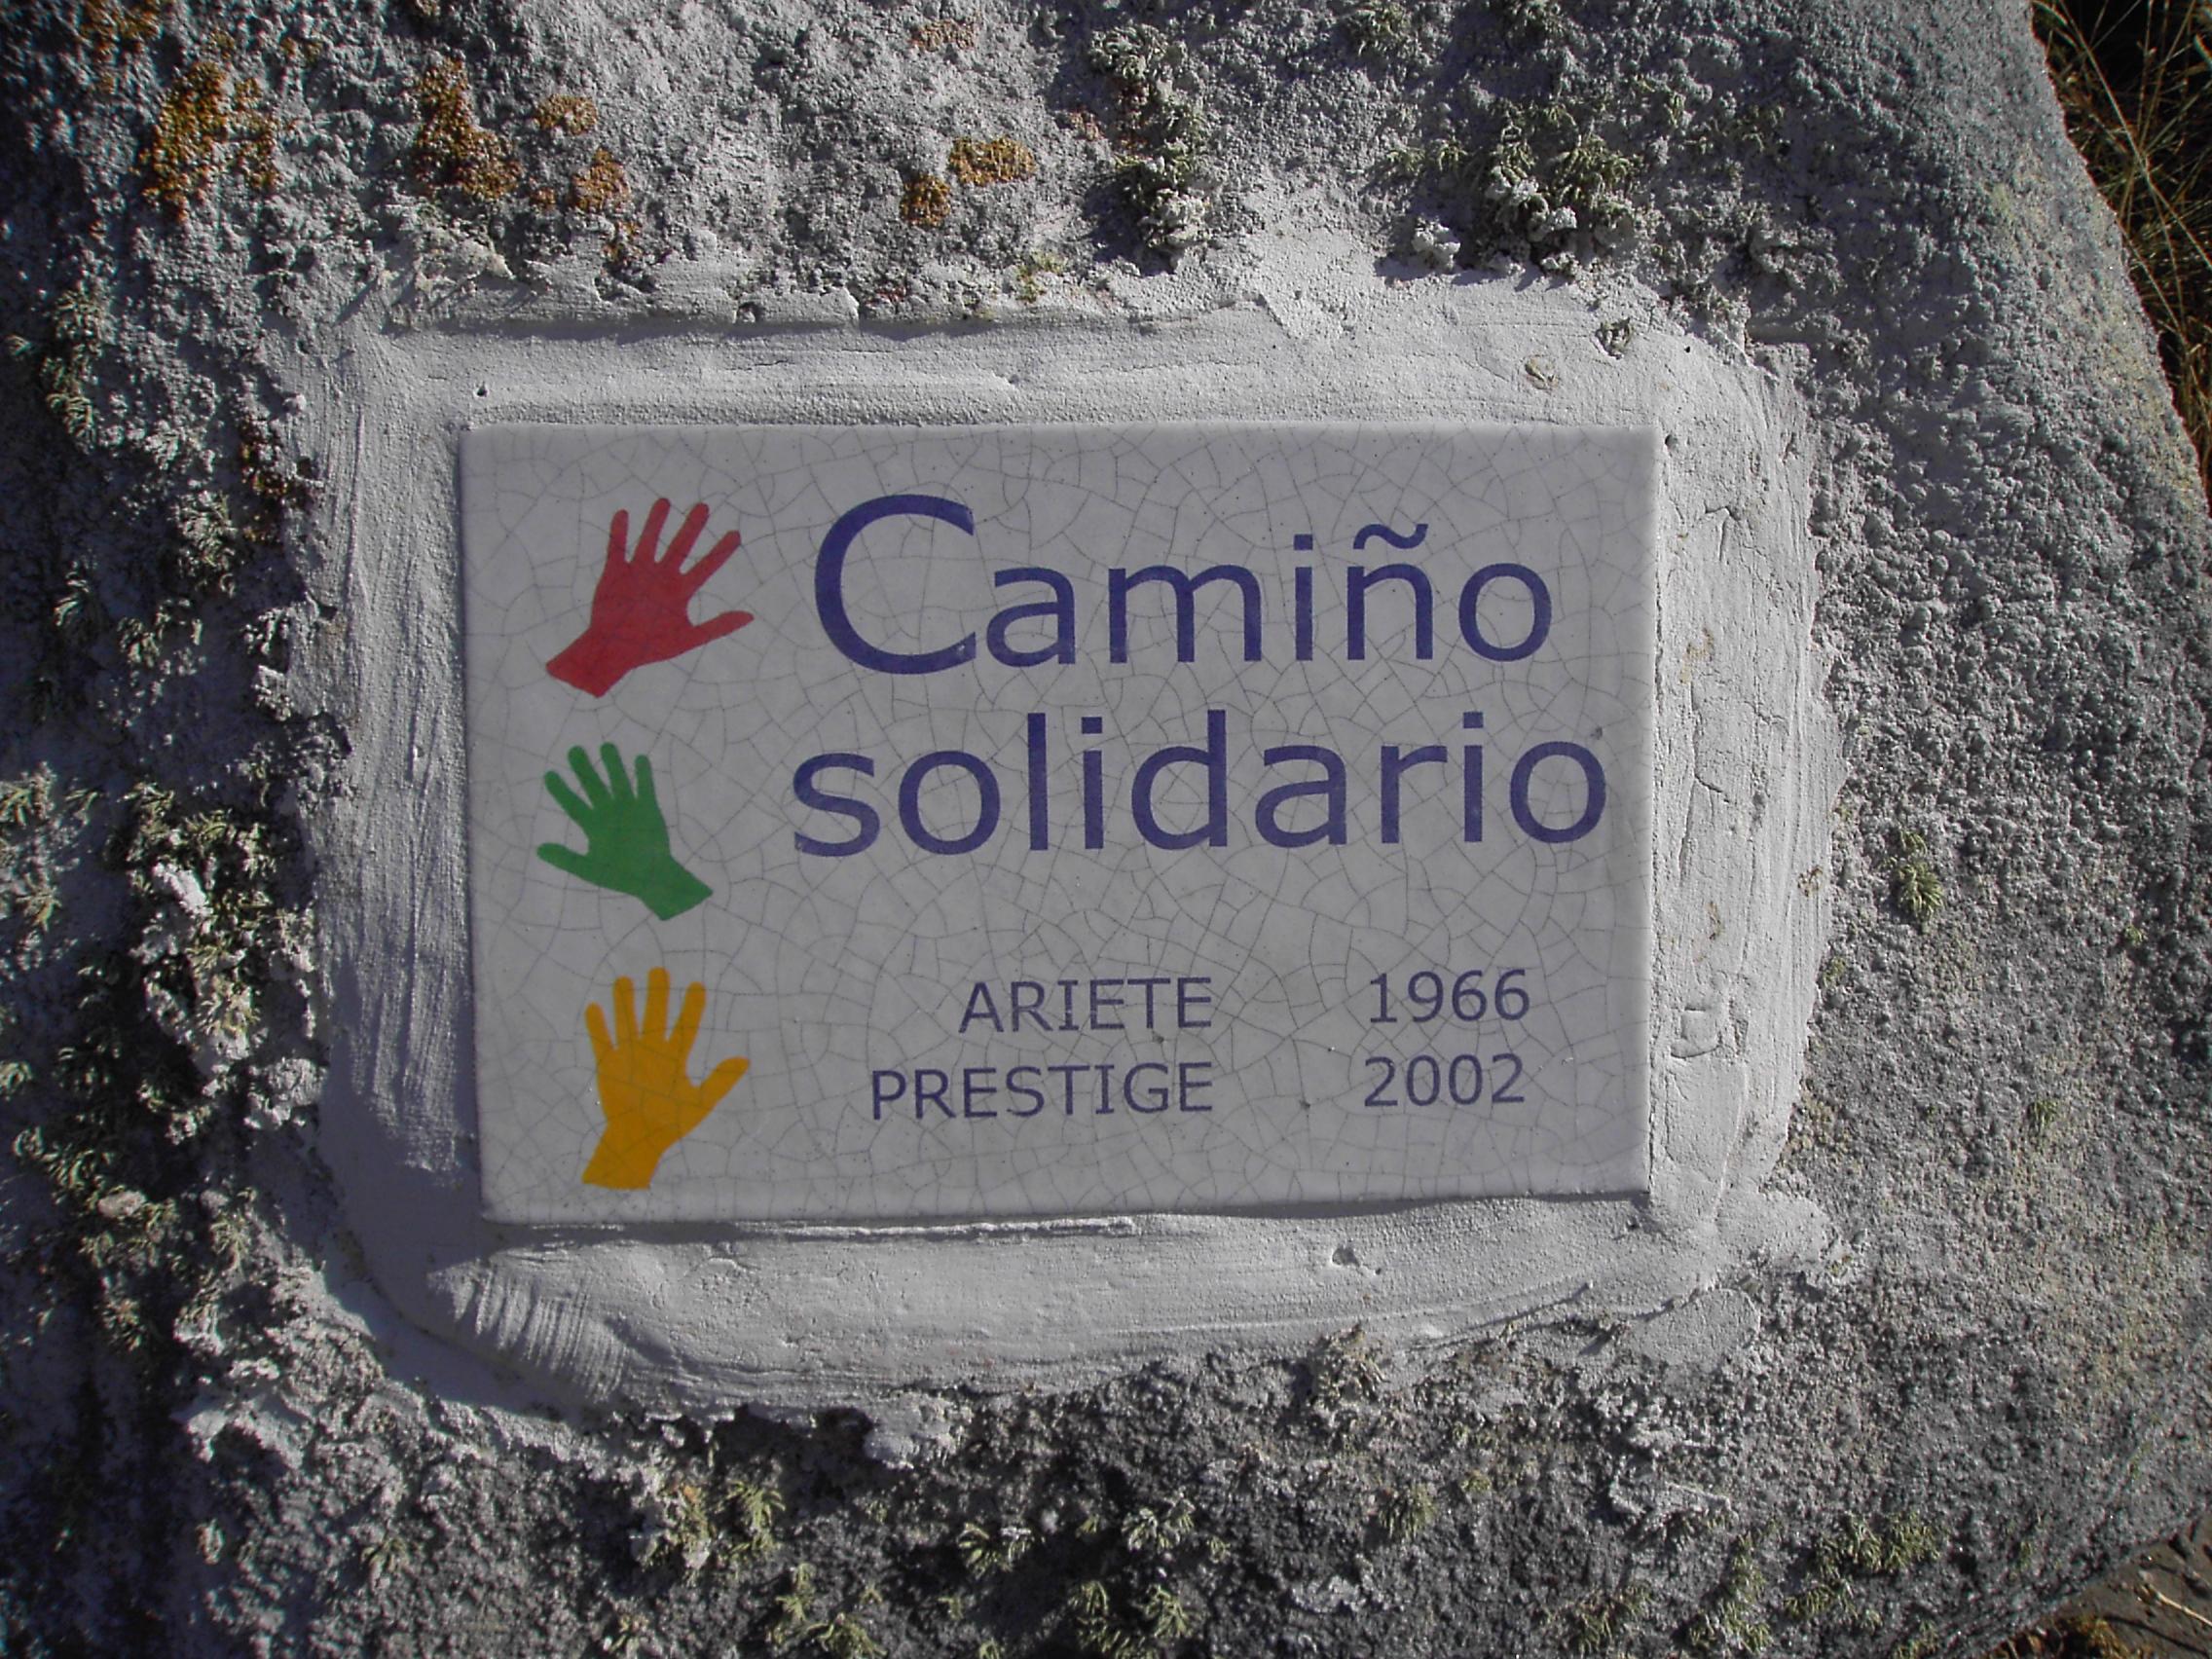 Foto playa Ardeleiro. Comezo do Camiño Solidario en homenaxe ao rescate do Ariete e voluntariado do Prestige